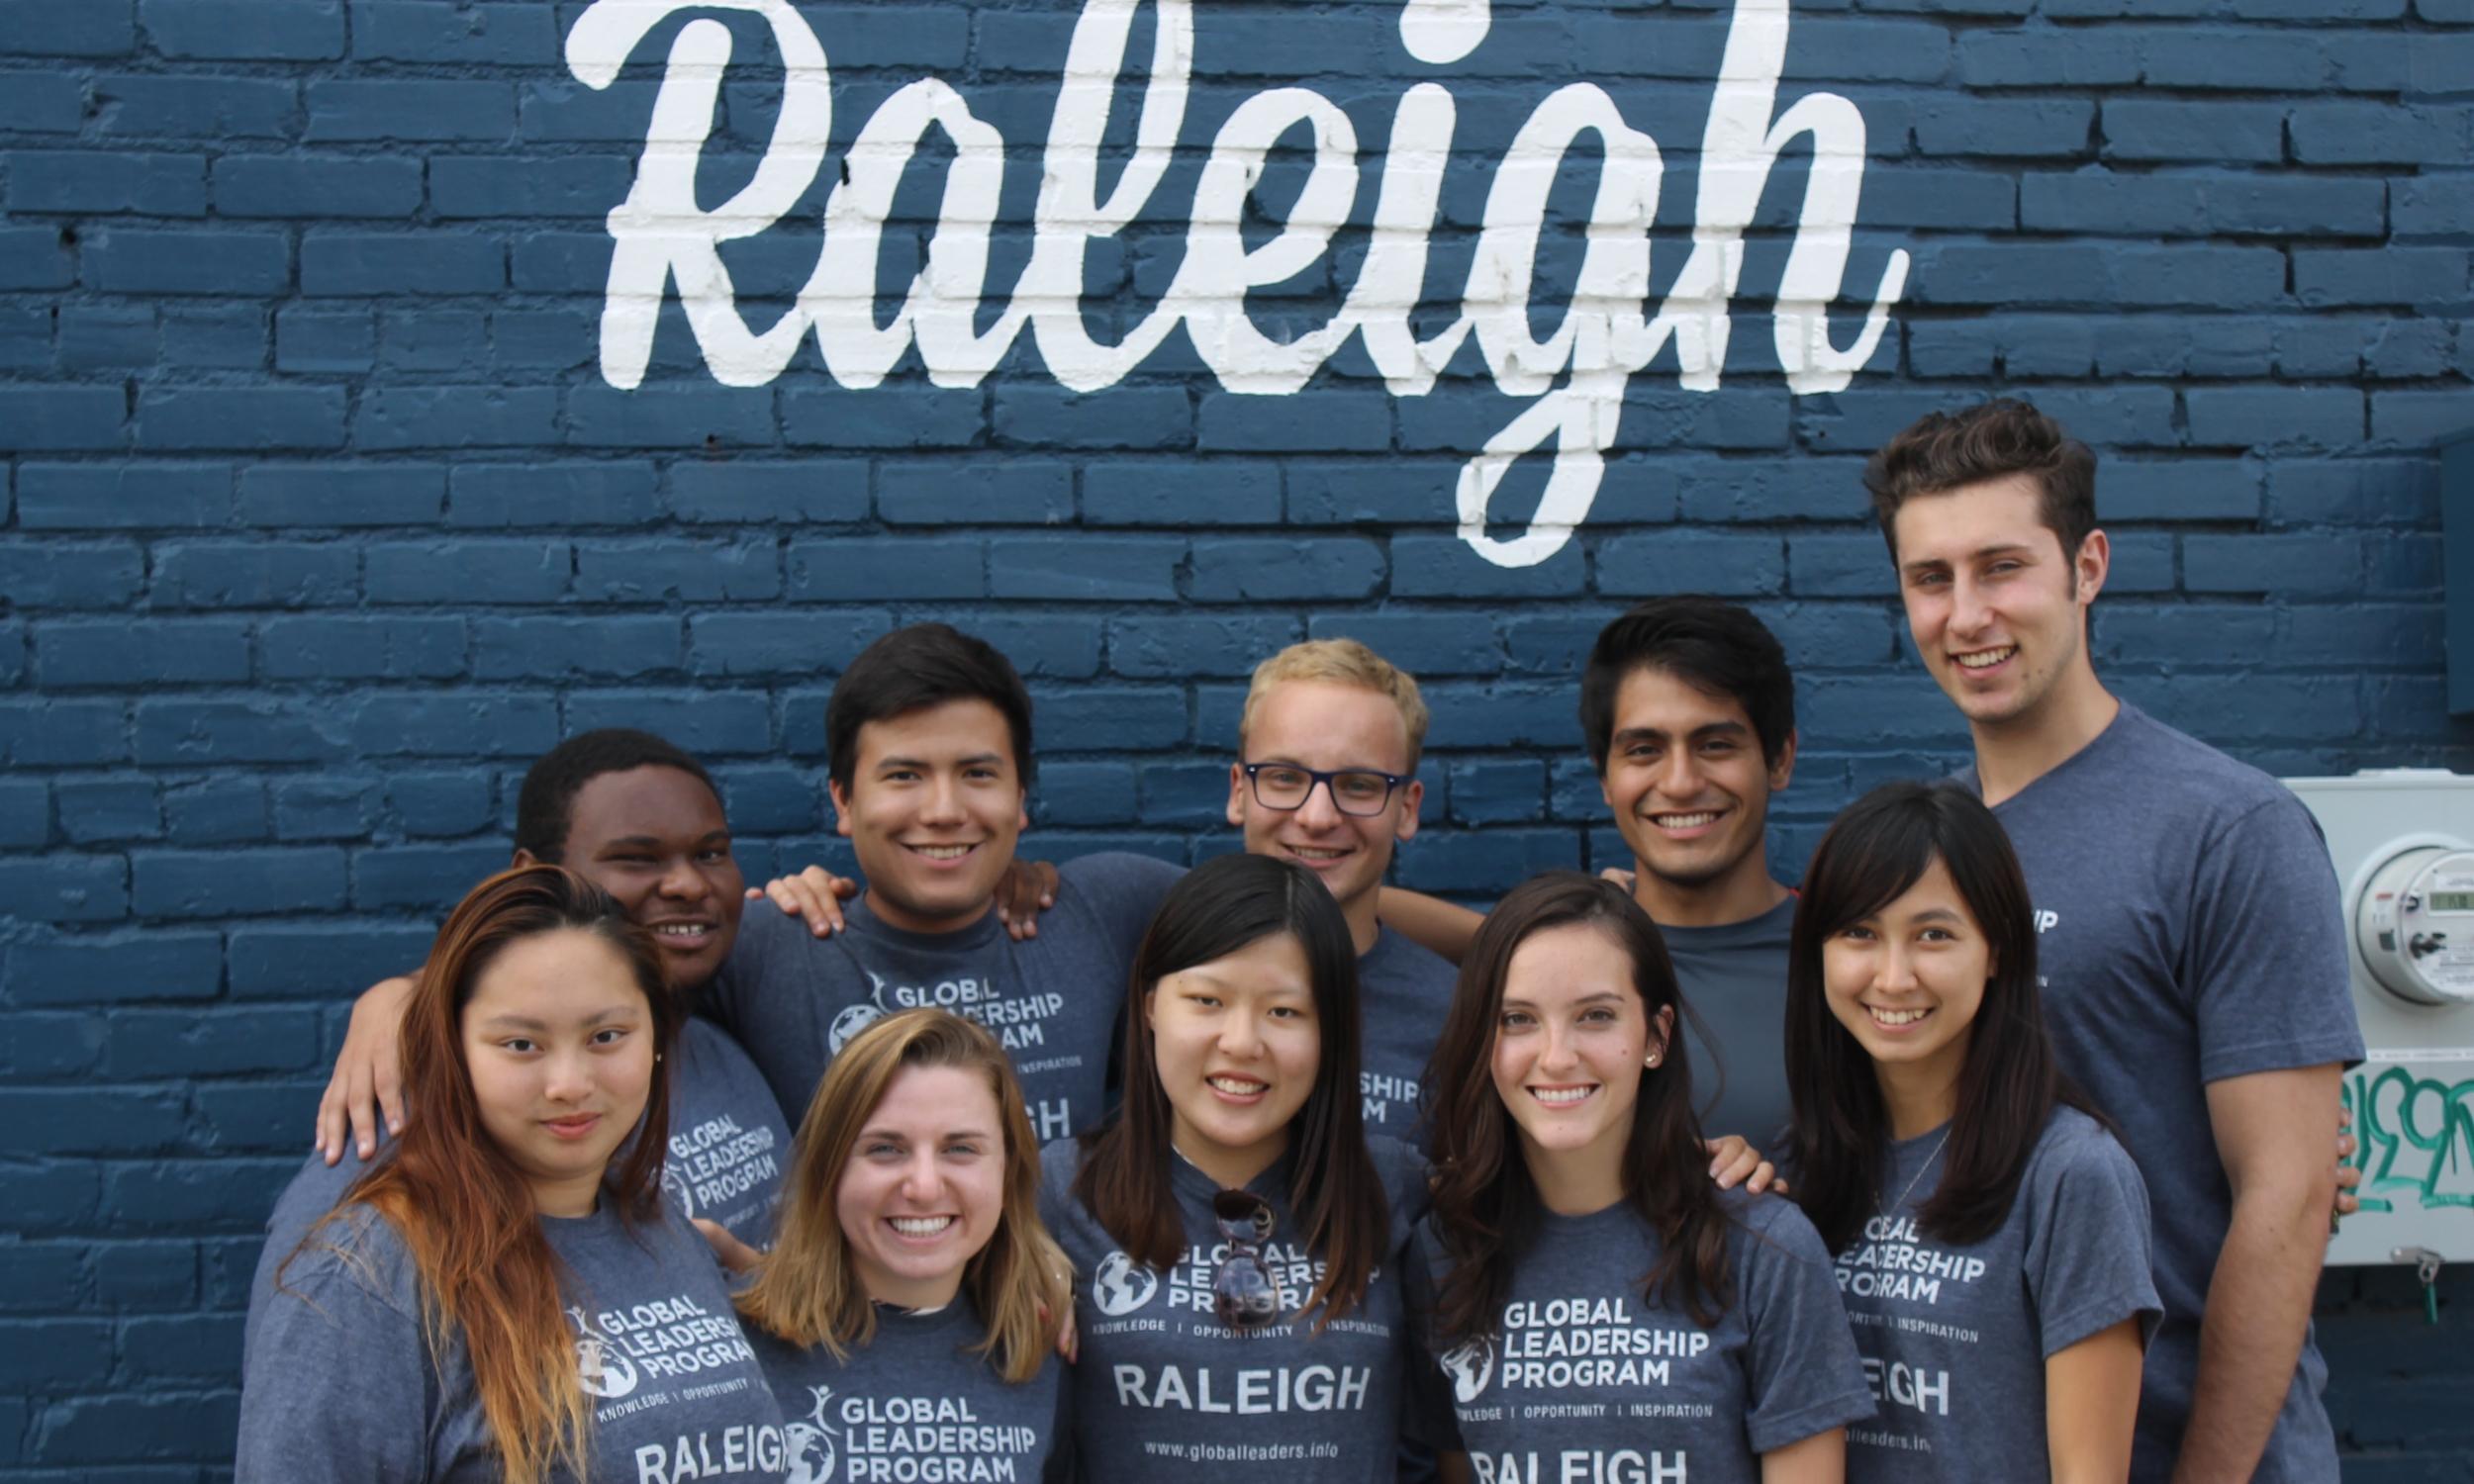 RaleighGroup